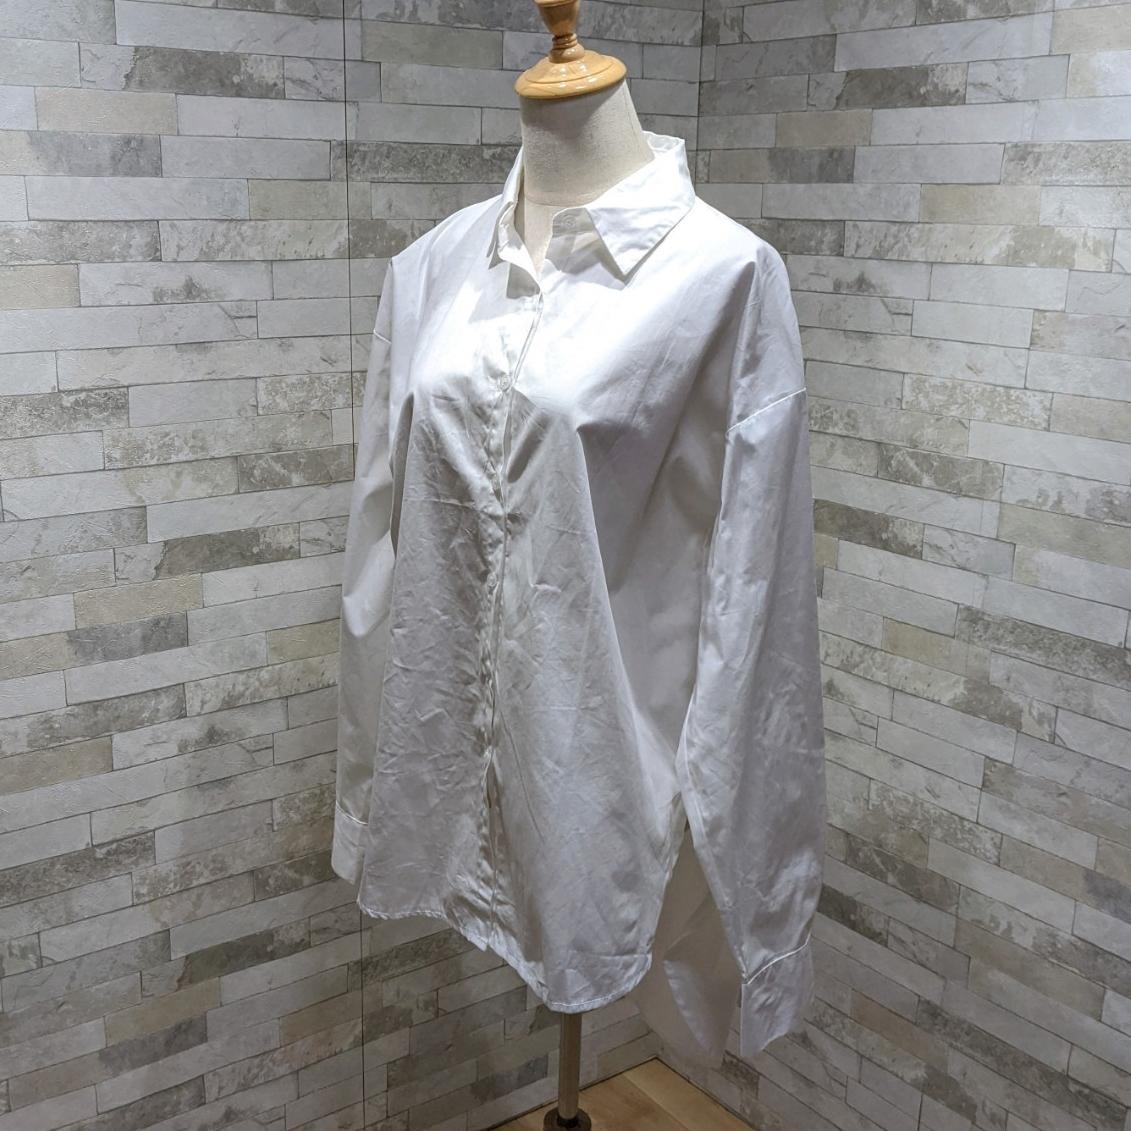 韓国 ファッション トップス ブラウス シャツ 春 夏 カジュアル PTXH430  ビッグシルエット フィッシュテール ベーシック オルチャン シンプル 定番 セレカジの写真5枚目